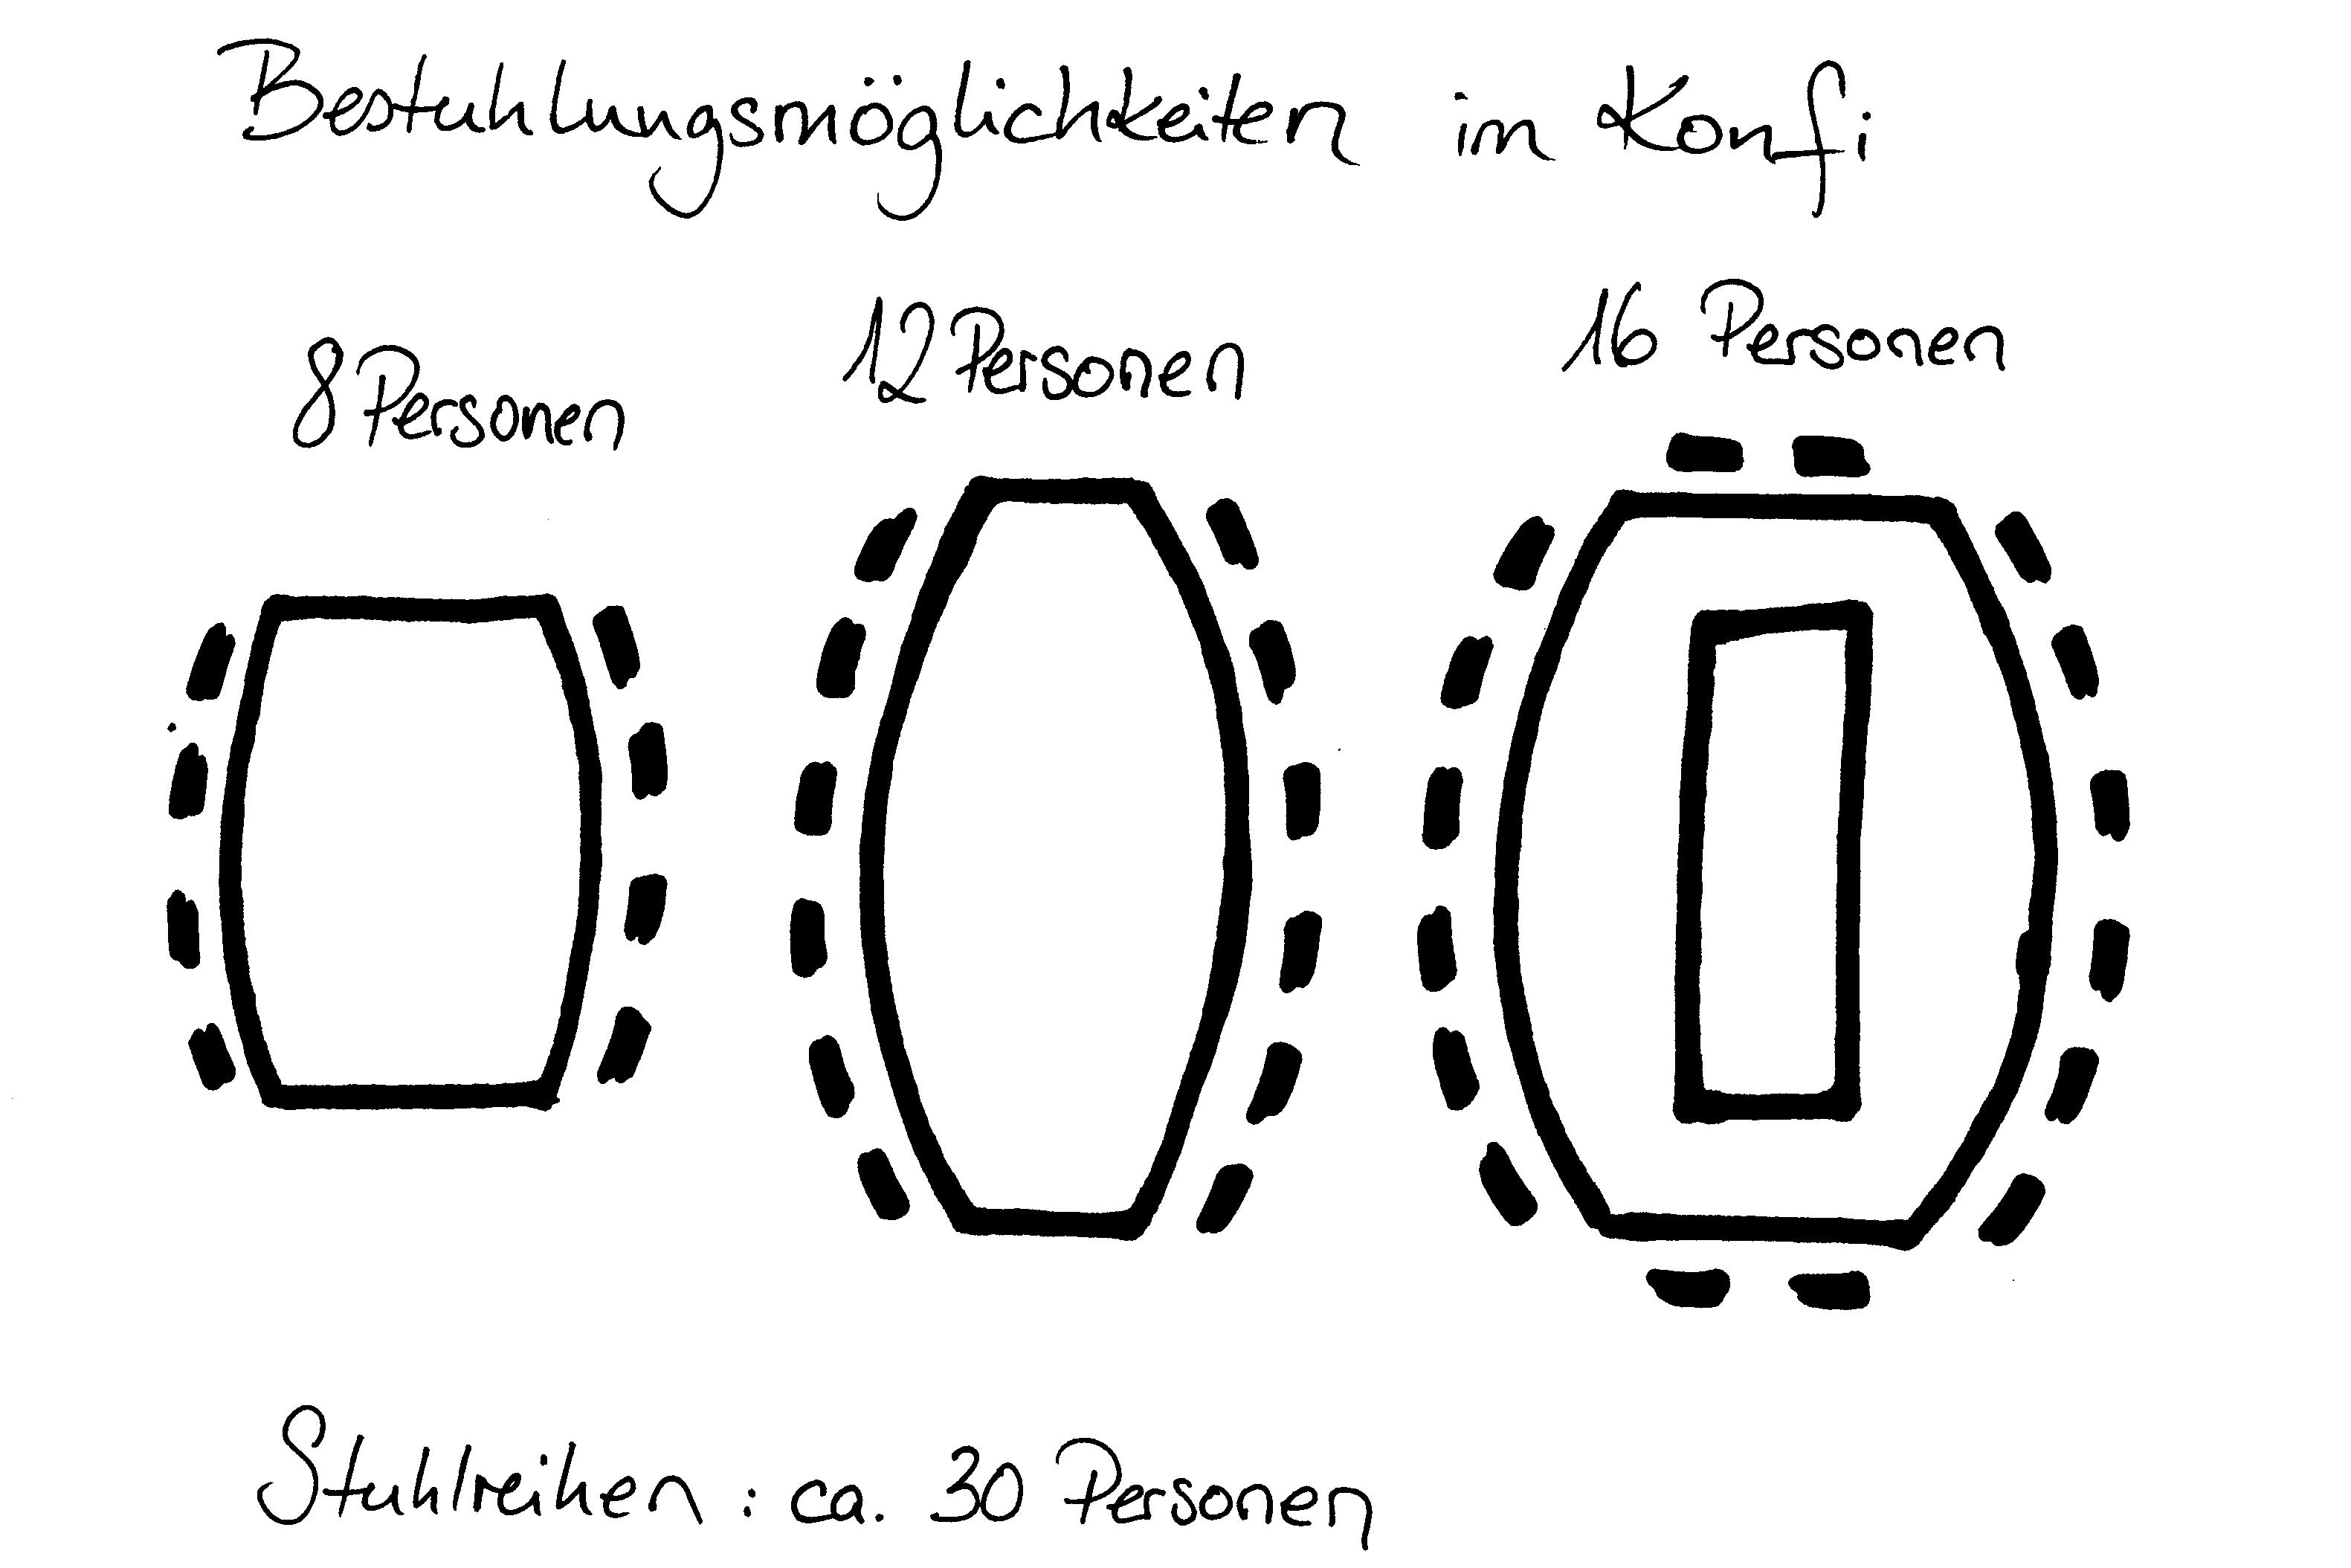 Bestuhlungsplan für Konfi